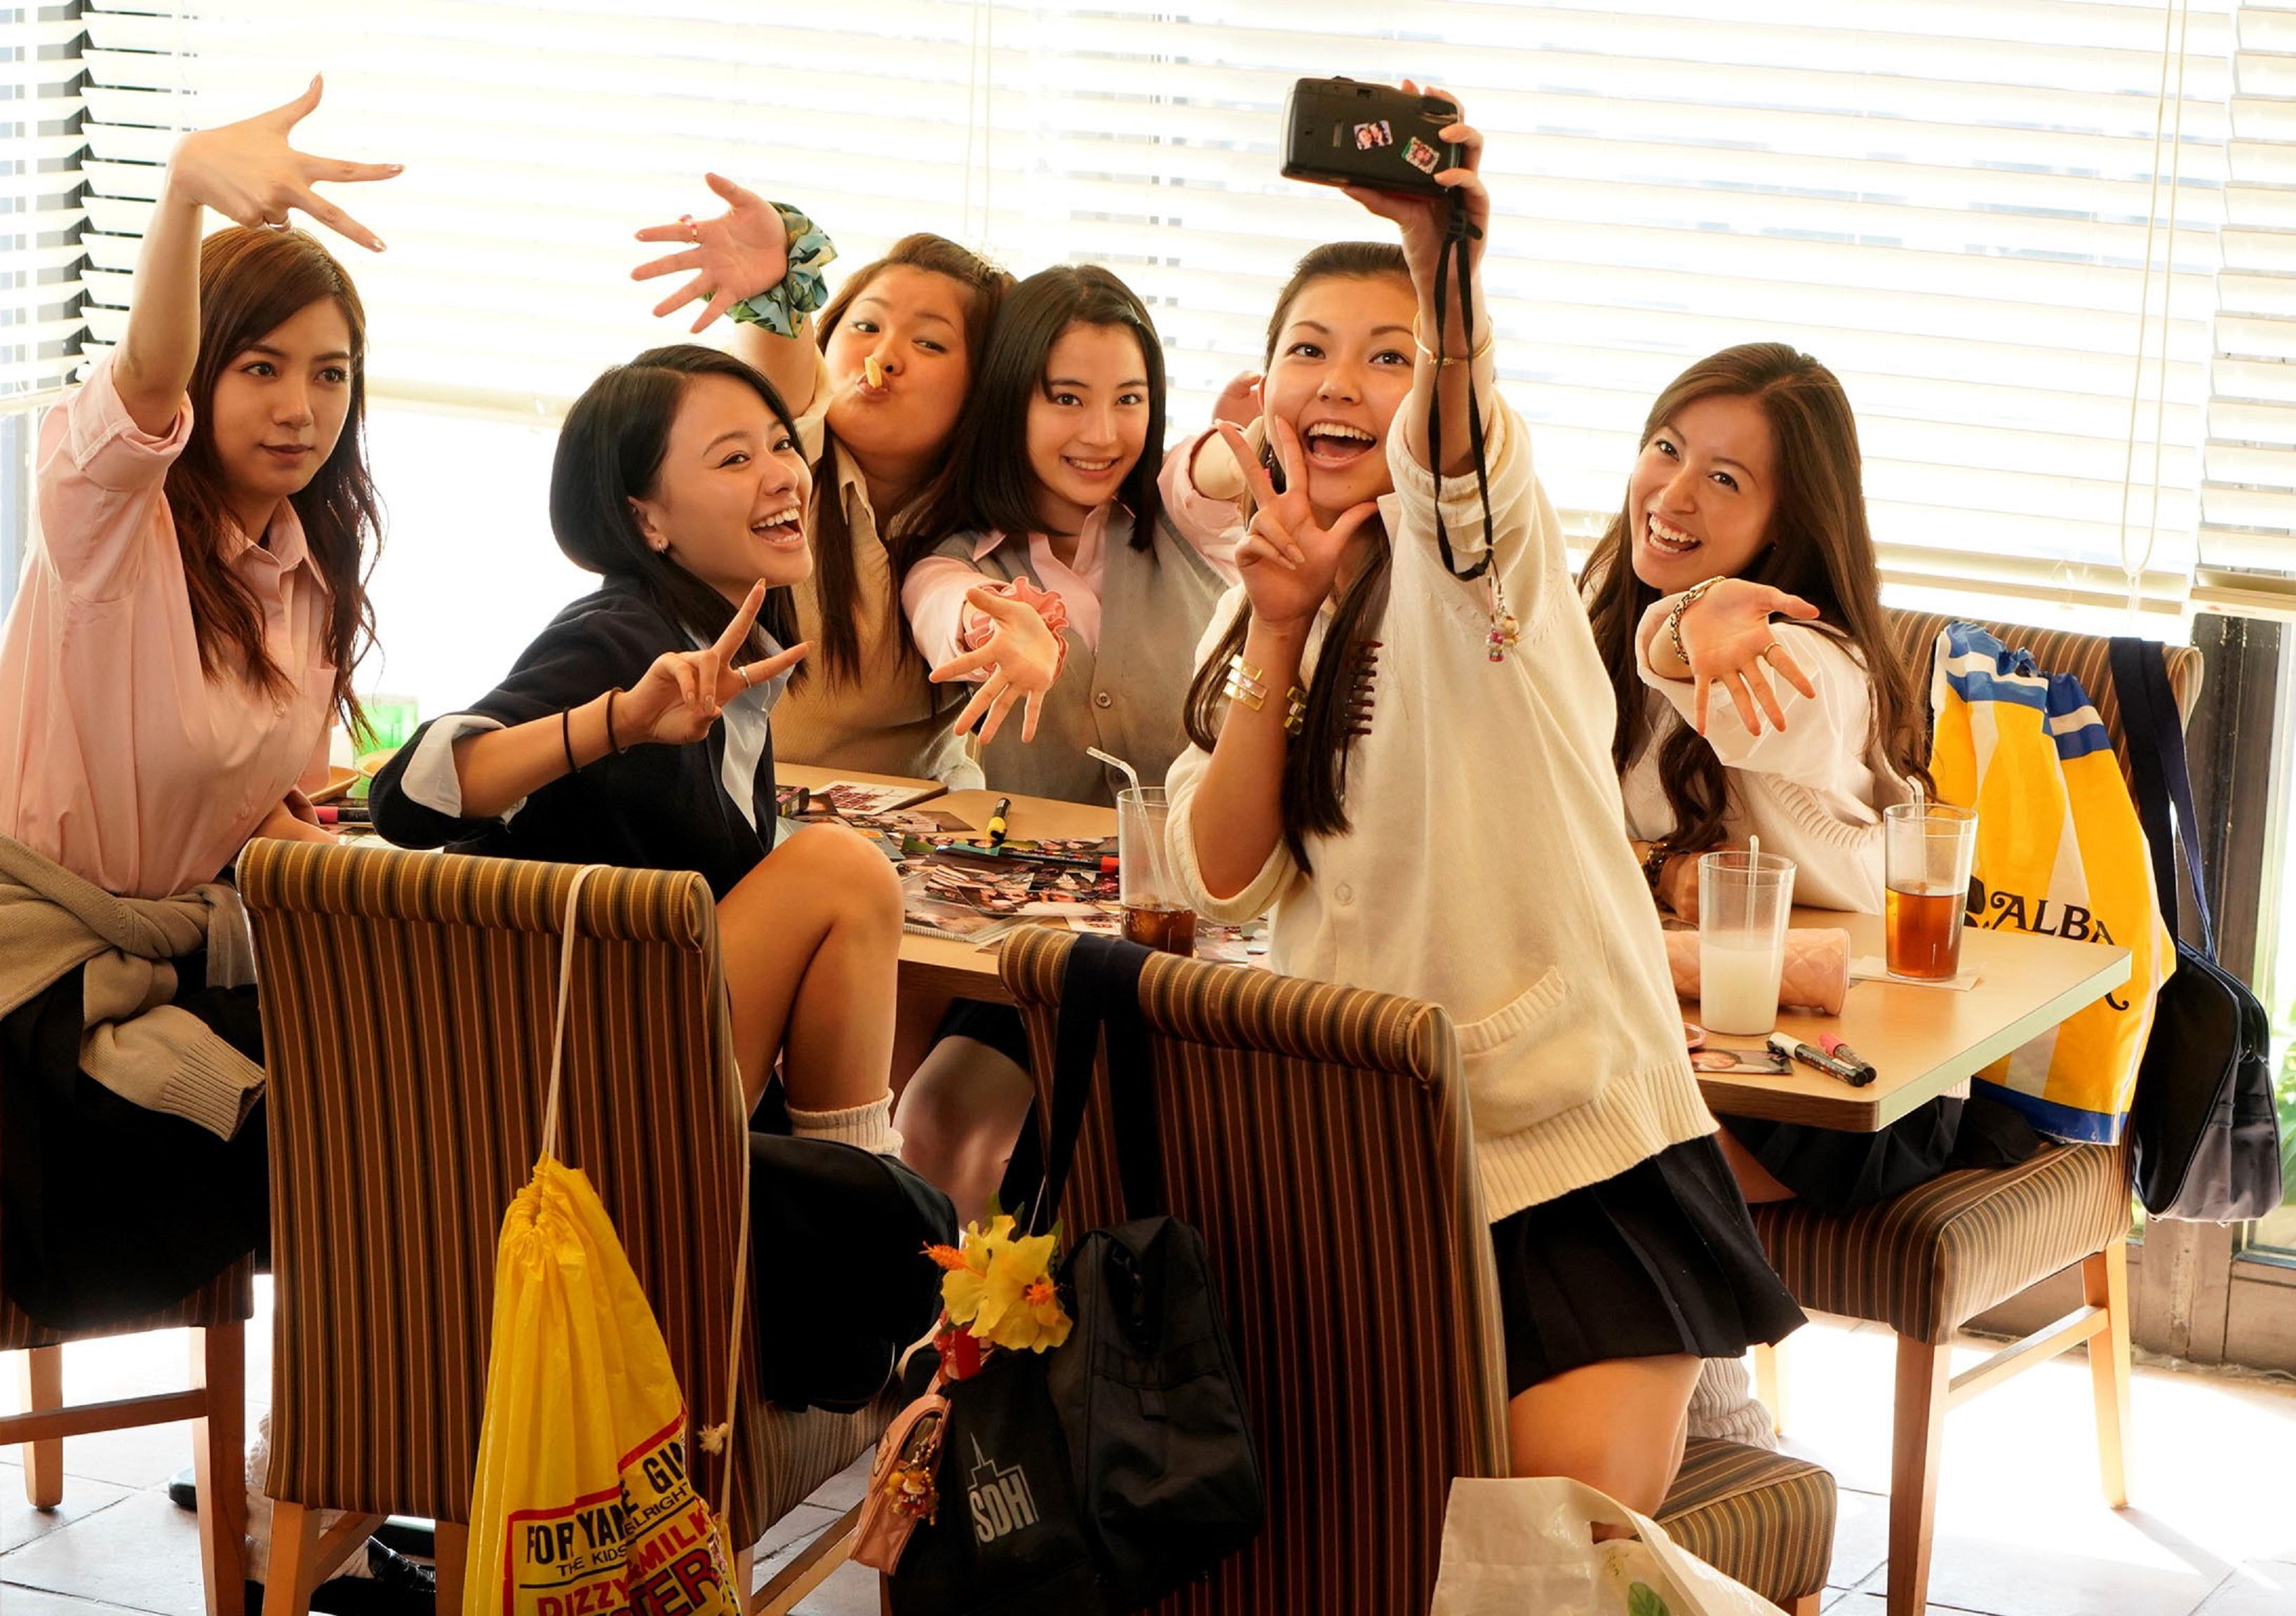 兩代日系女神篠原涼子、廣瀨鈴攜手致敬90年代 《Sunny 我們的青春》12月7日感動上映